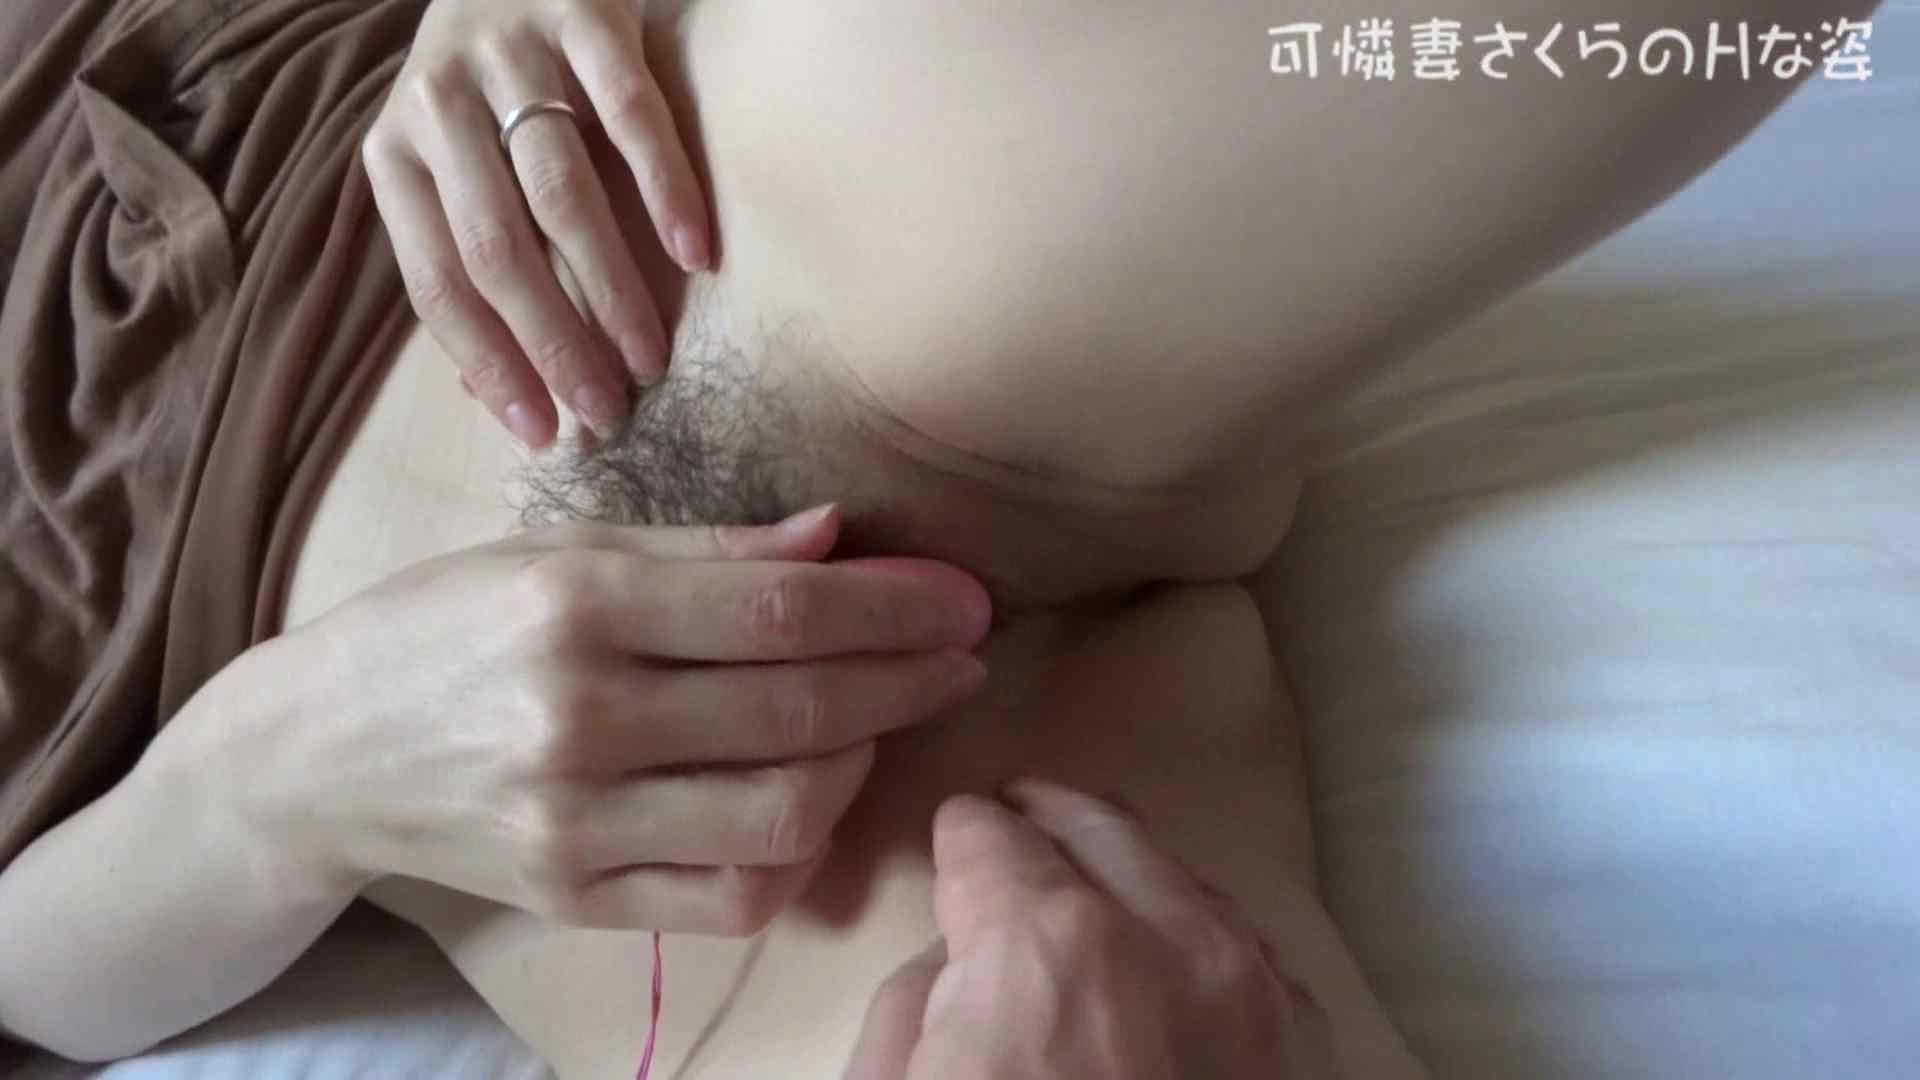 可憐妻さくらのHな姿vol.18 オナニーし放題 | 淫乱  79pic 26